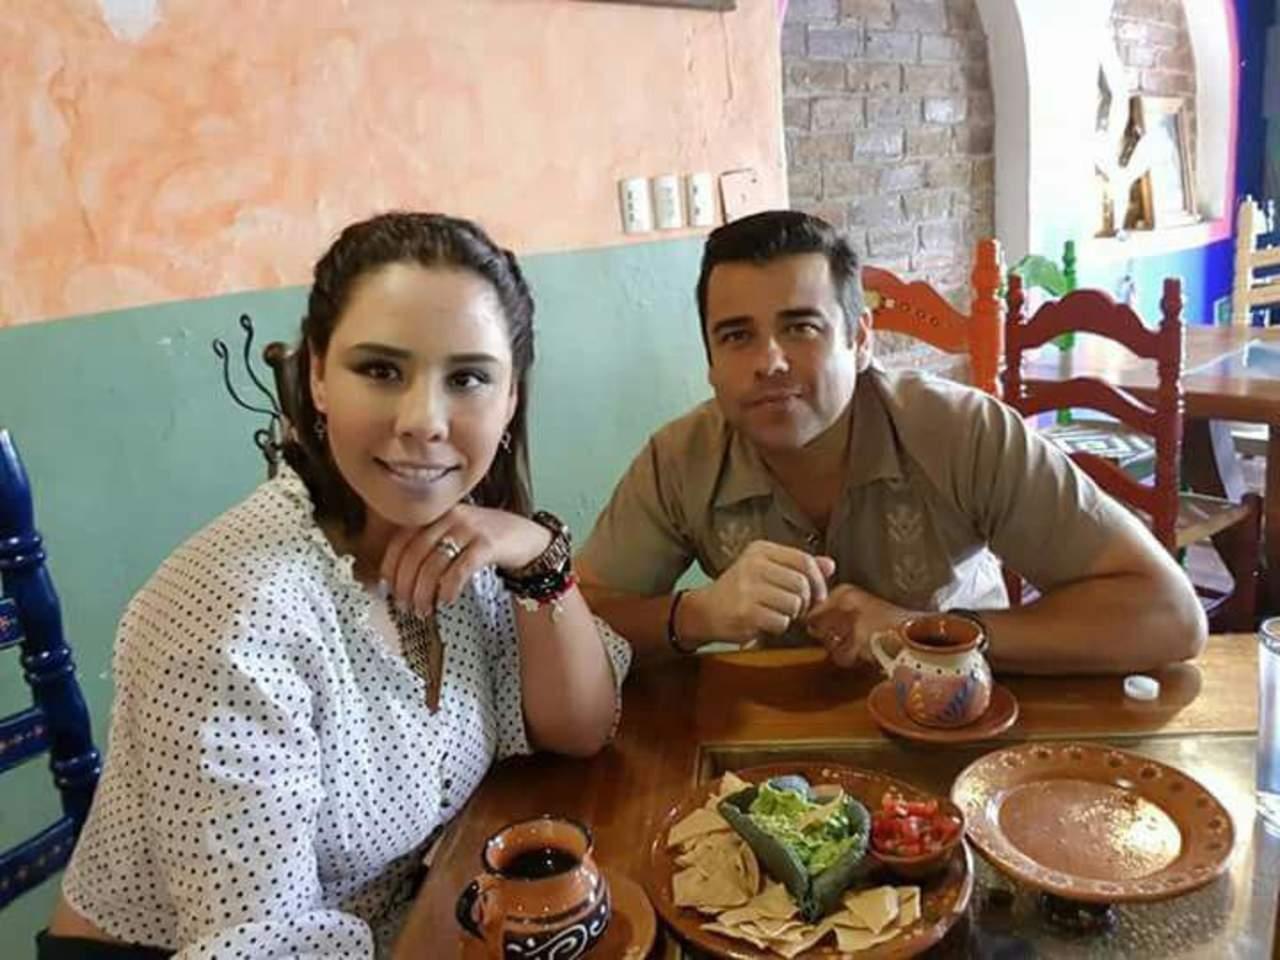 Graves, exalcalde de Morelos y su pareja tras volcadura